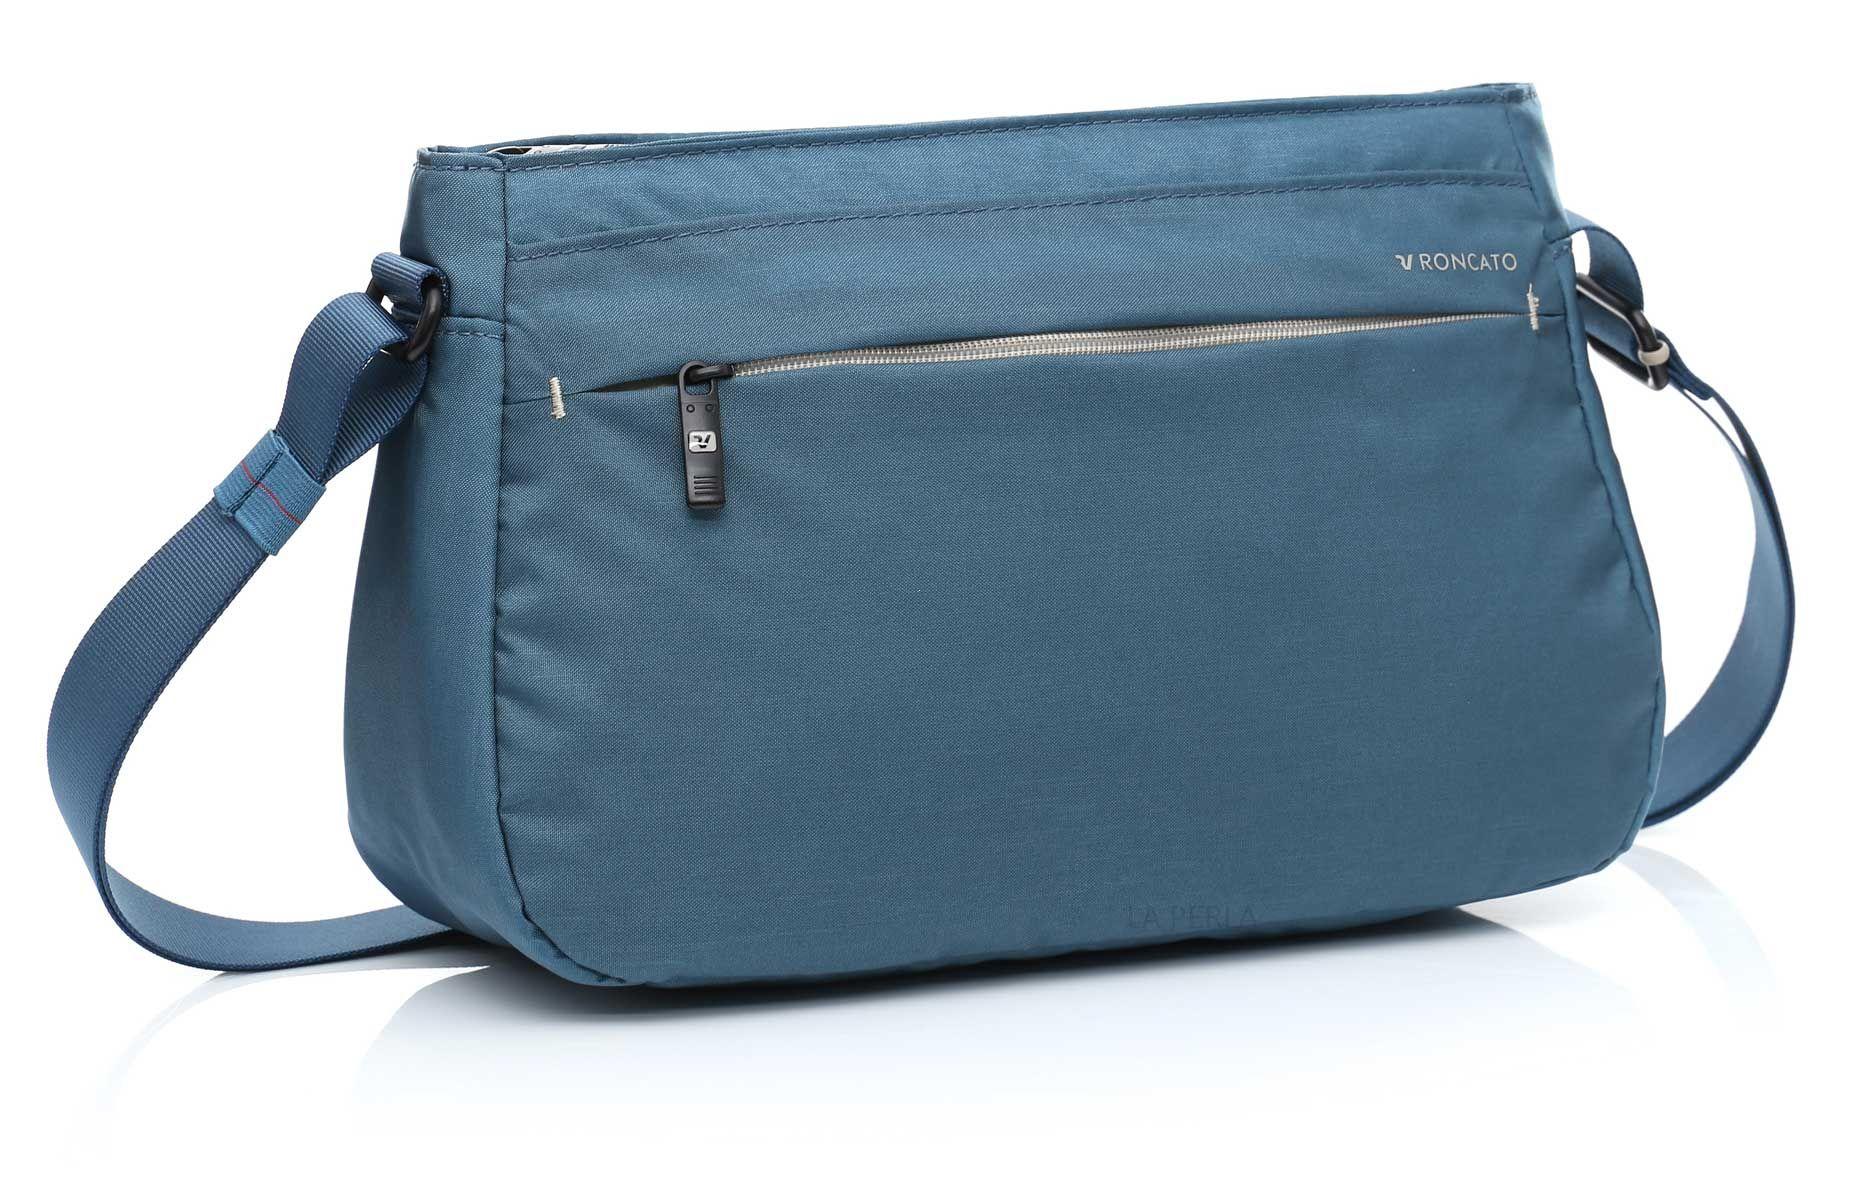 64562dcdf93fd Torebka na ramię marki Roncato z kolekcji Land - kolor błękitny ...